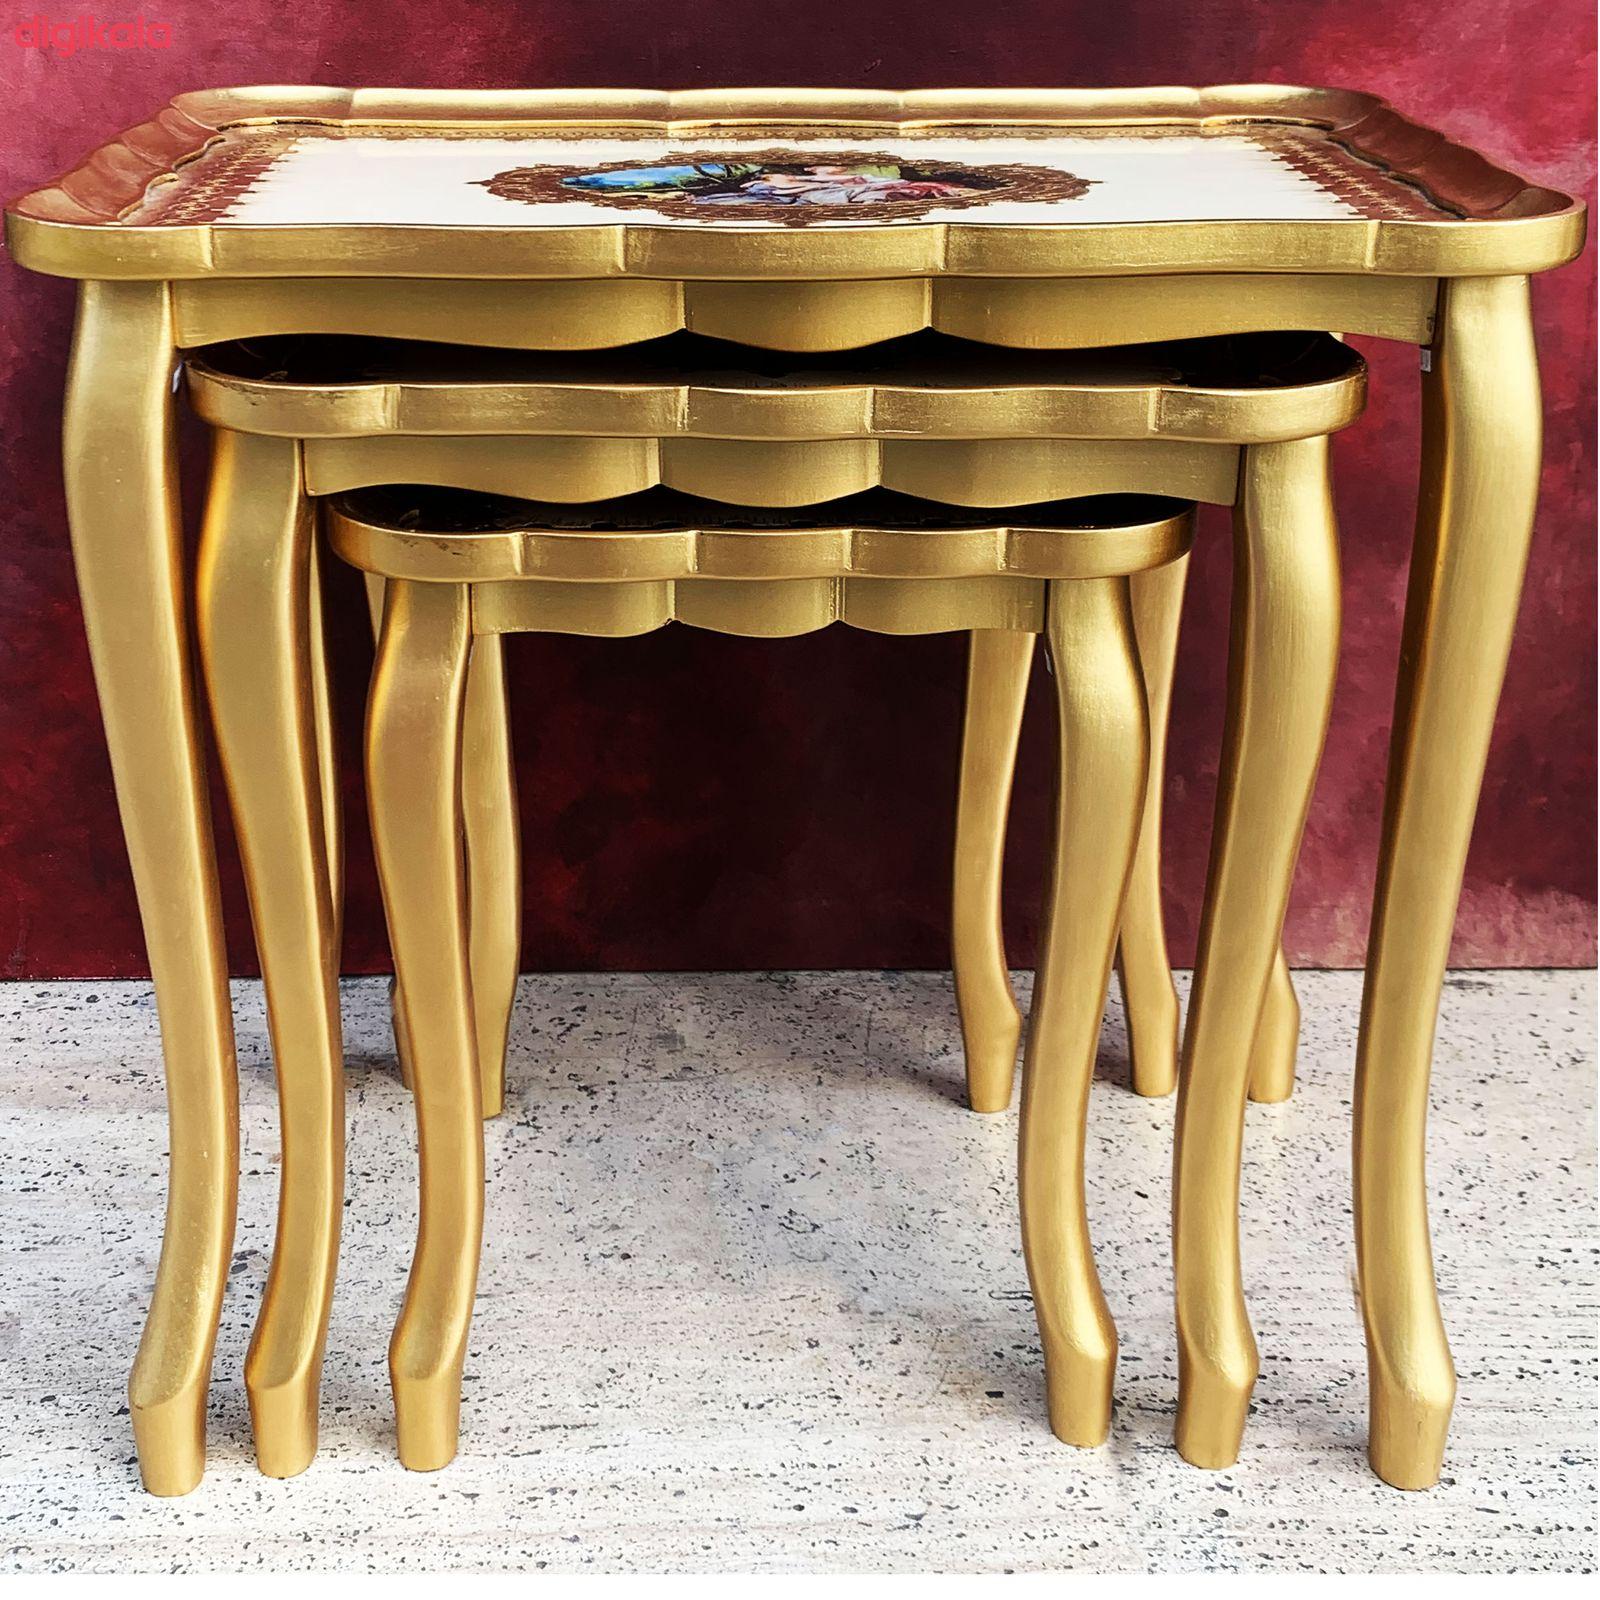 میز عسلی مدل A1000 مجمومه 3 عددی